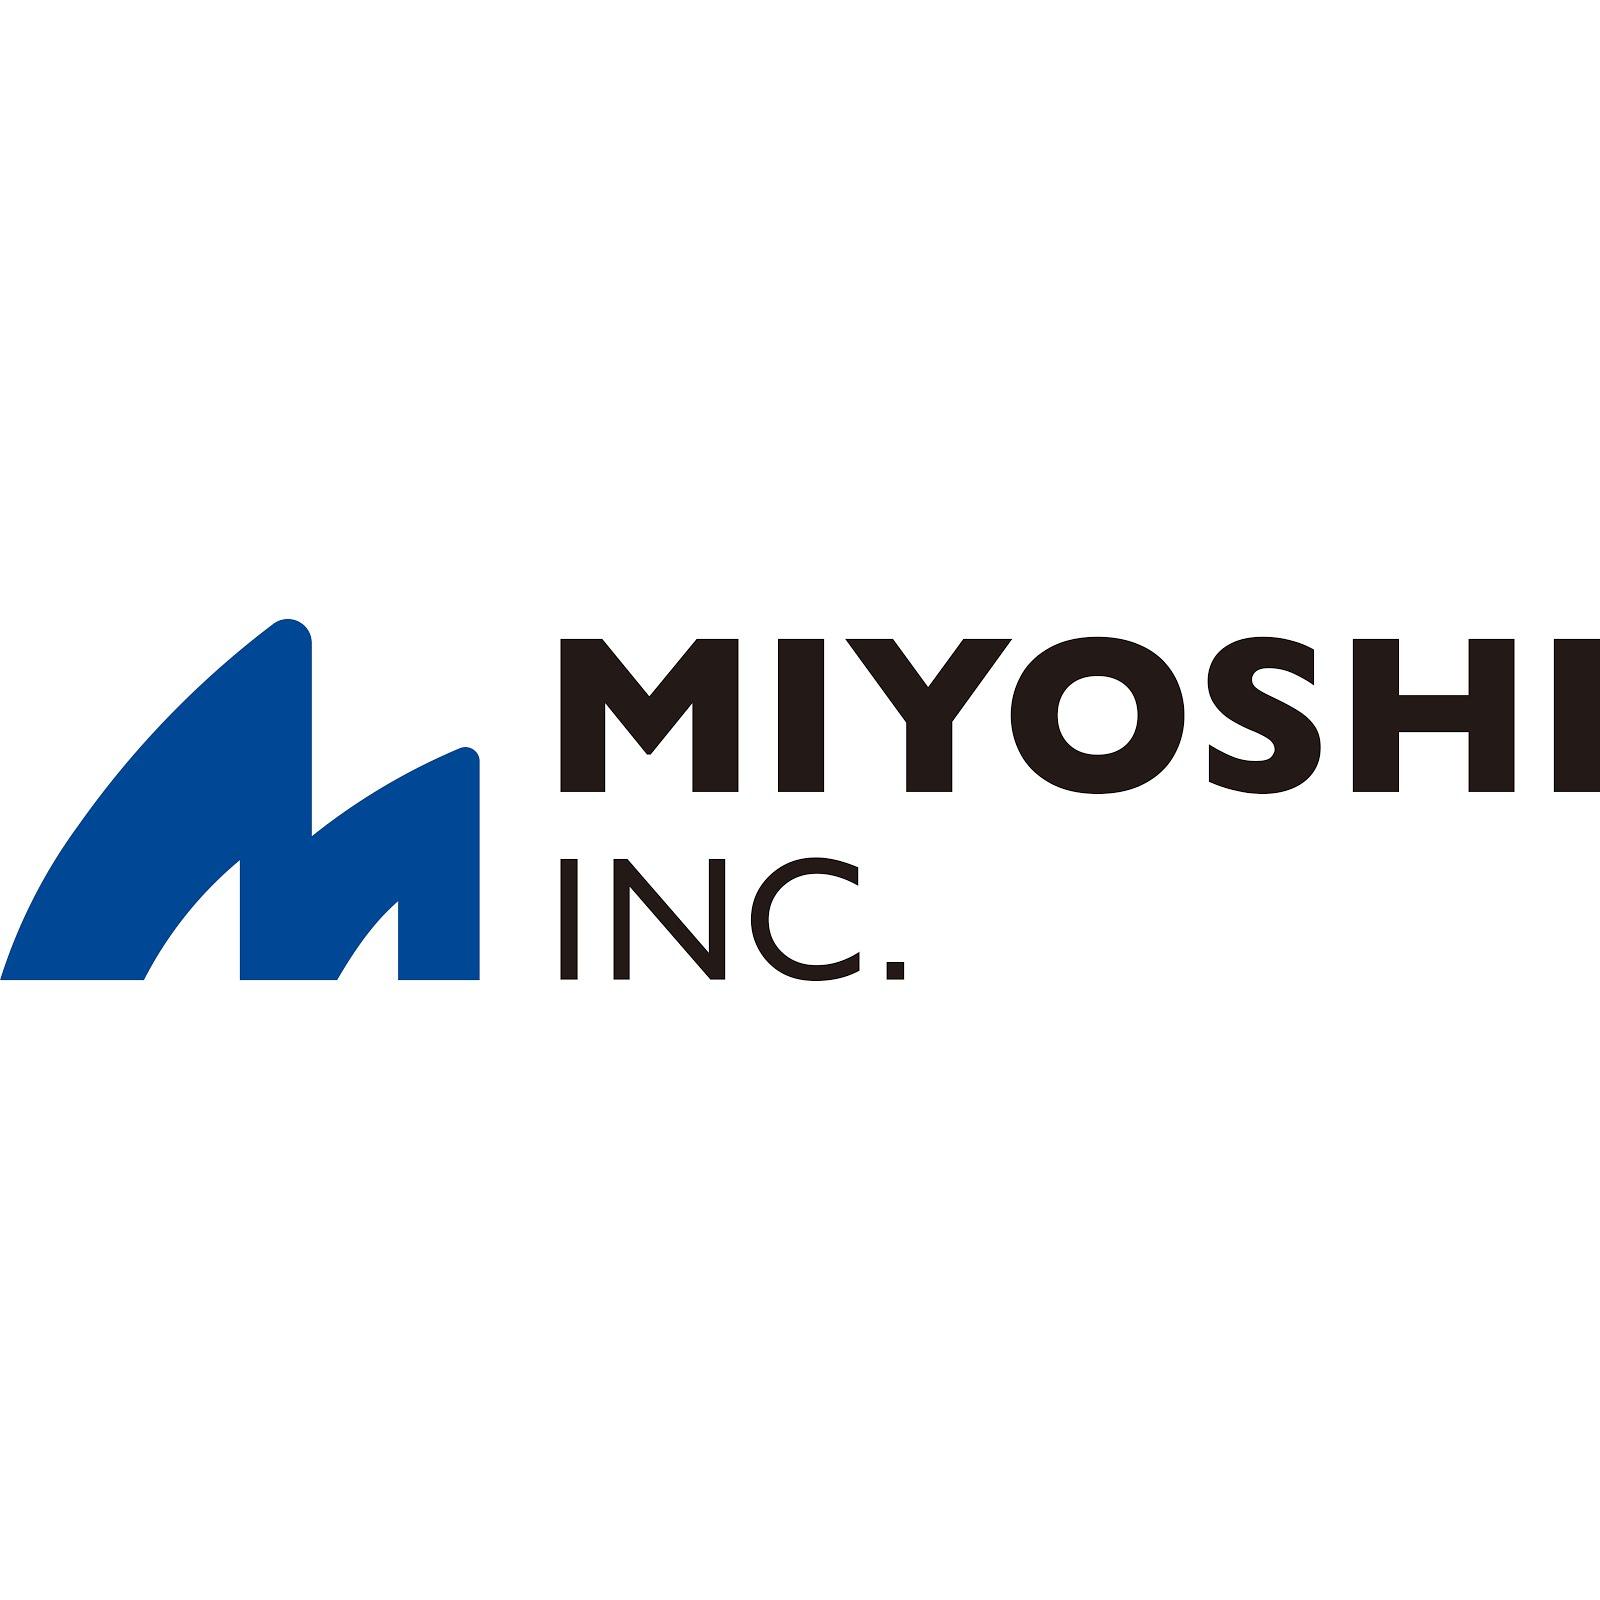 株式会社ミヨシホームページ